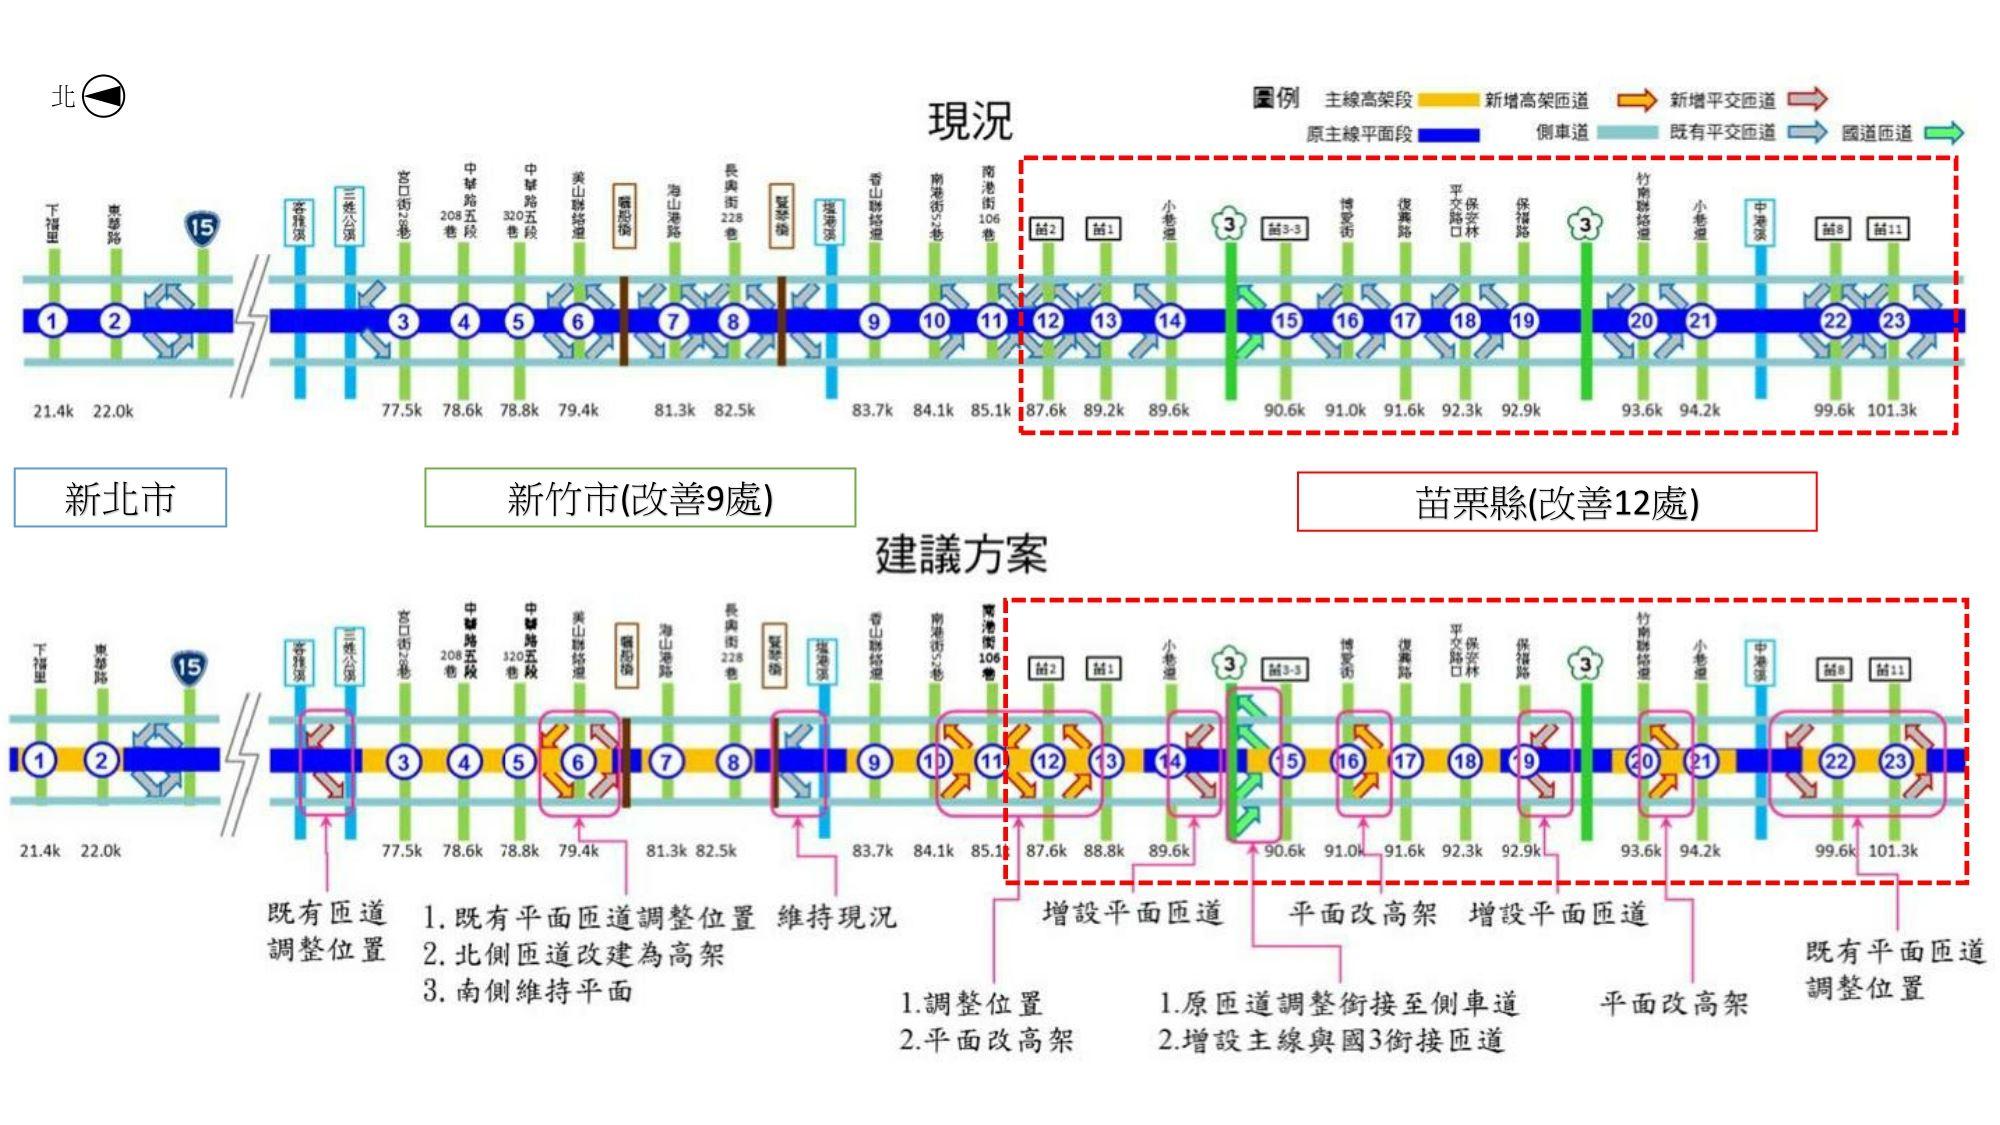 現況進出台61線主線平交路口動線(上)、改善後進出台61線主線匝道動線(下)比較示意圖